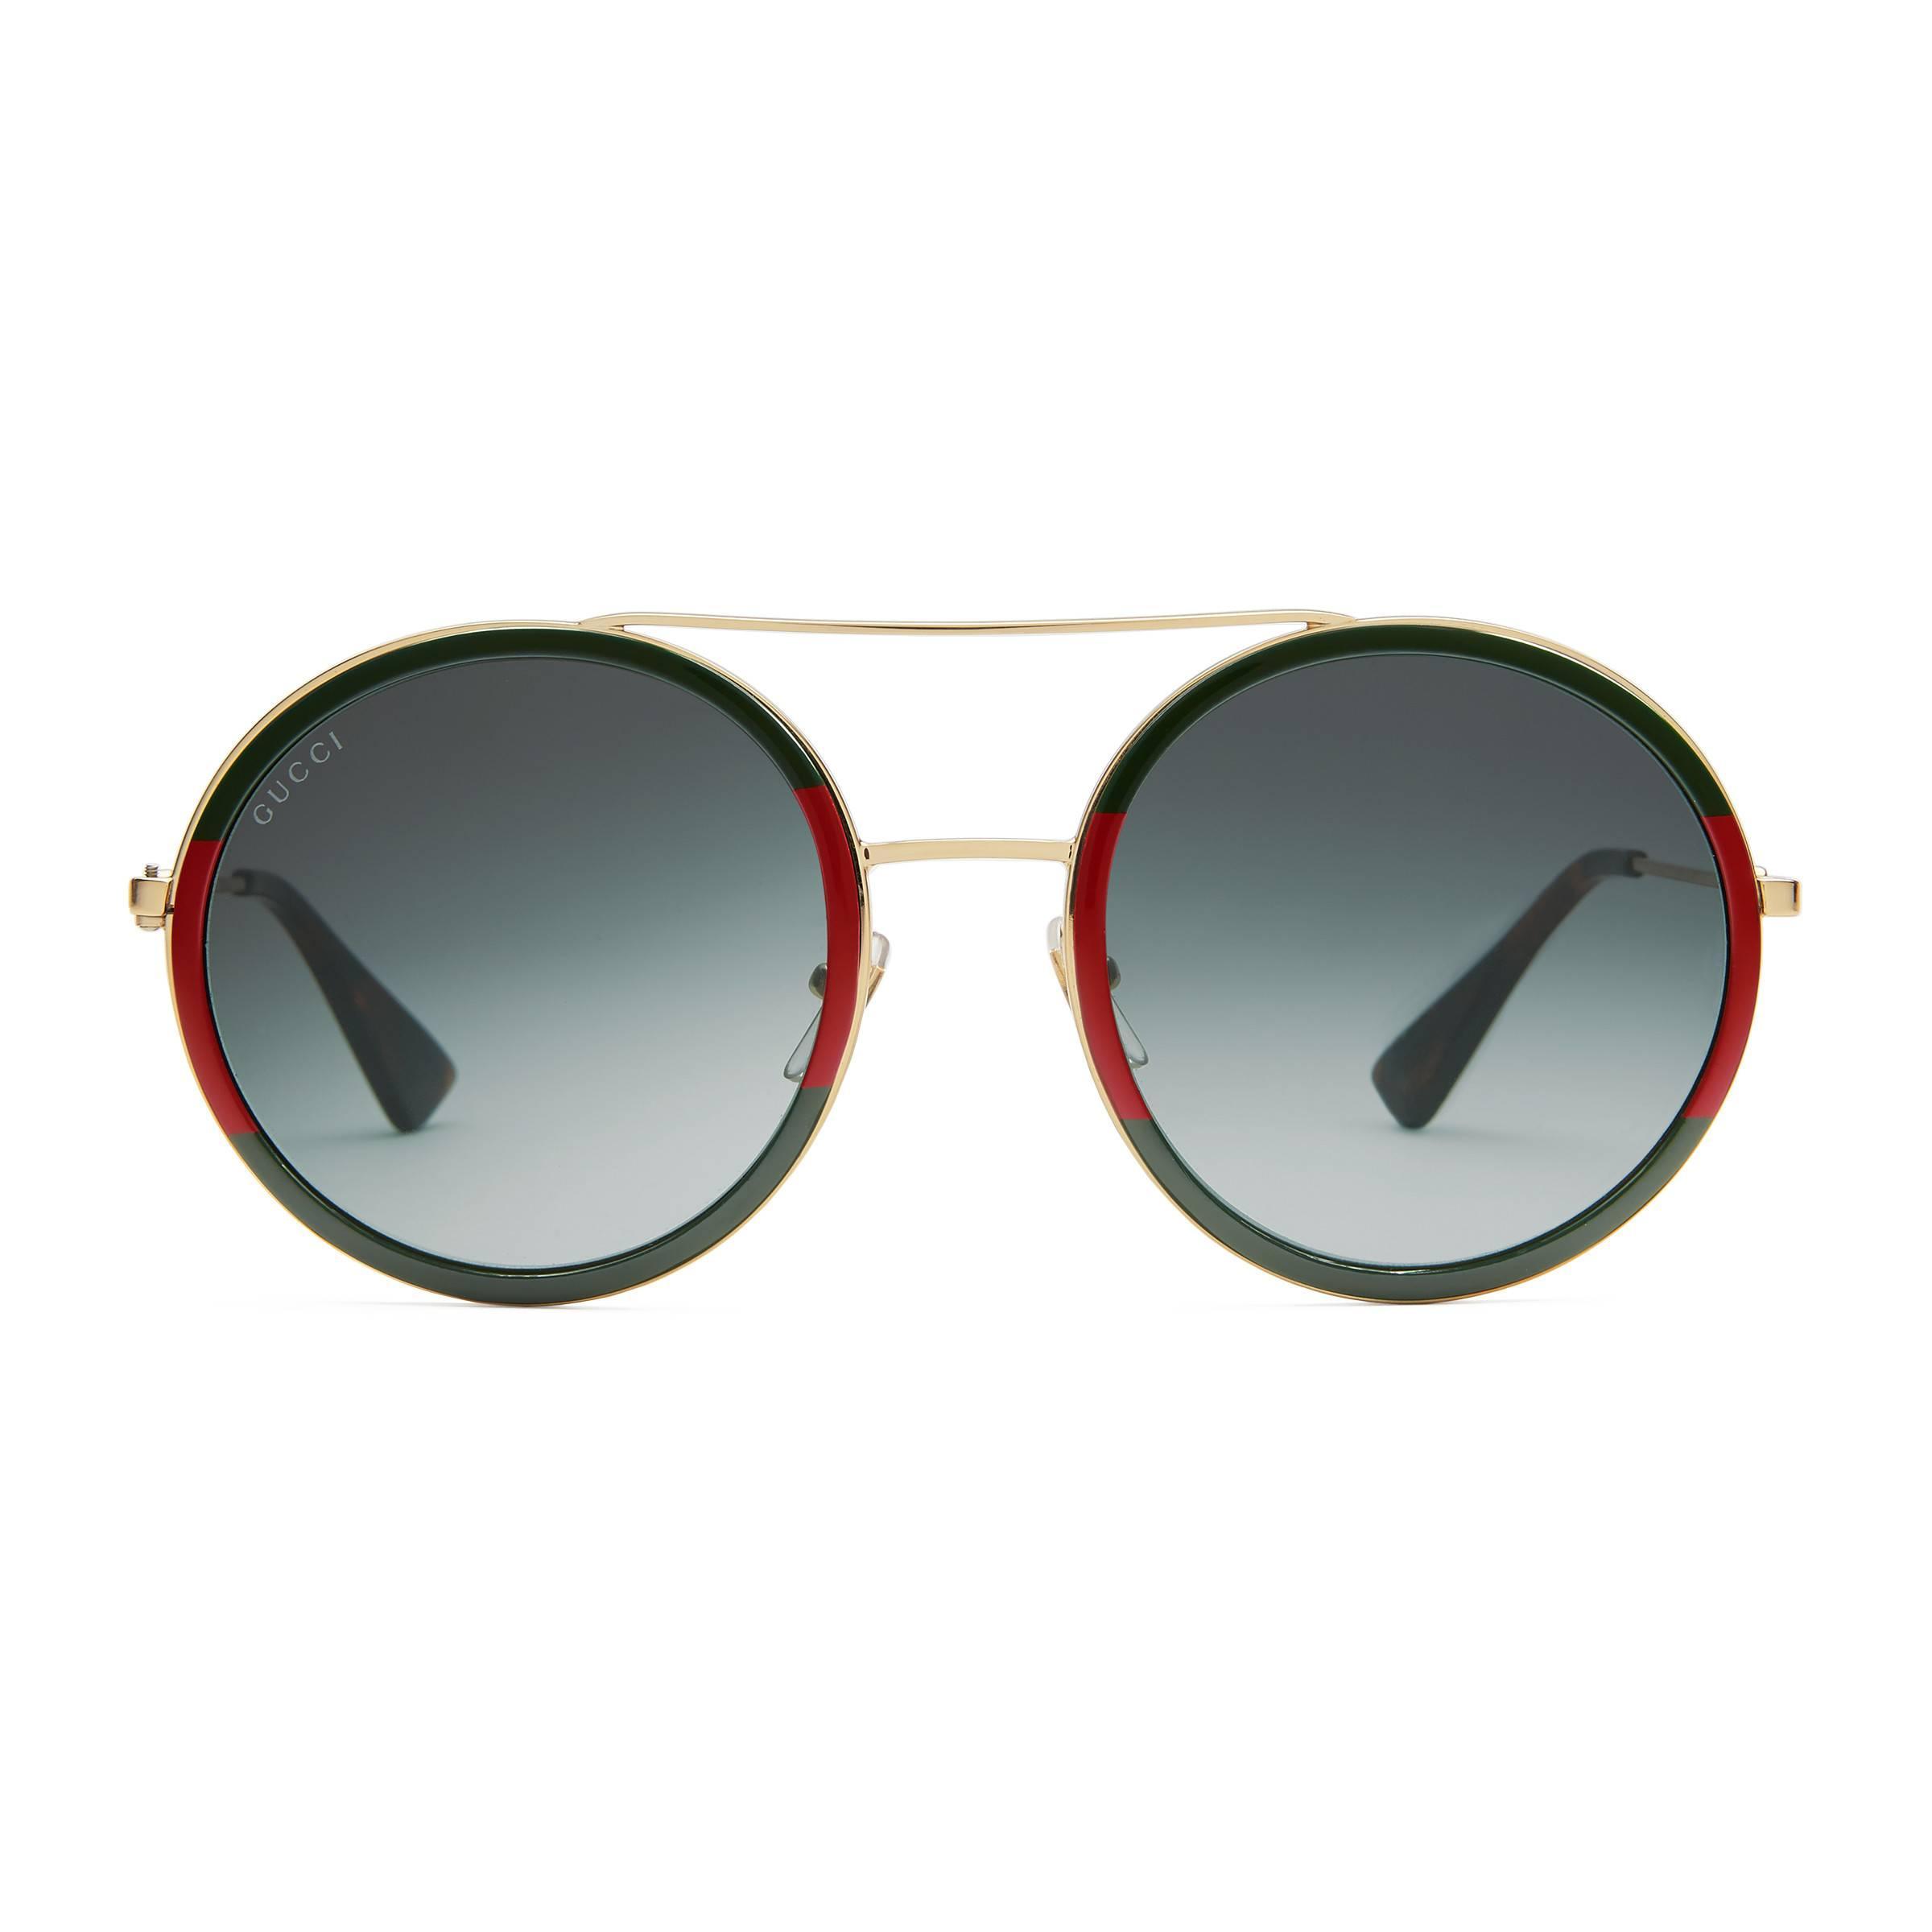 Lyst - Gafas de sol redondas Gucci de color Marrón 078f3c02d013